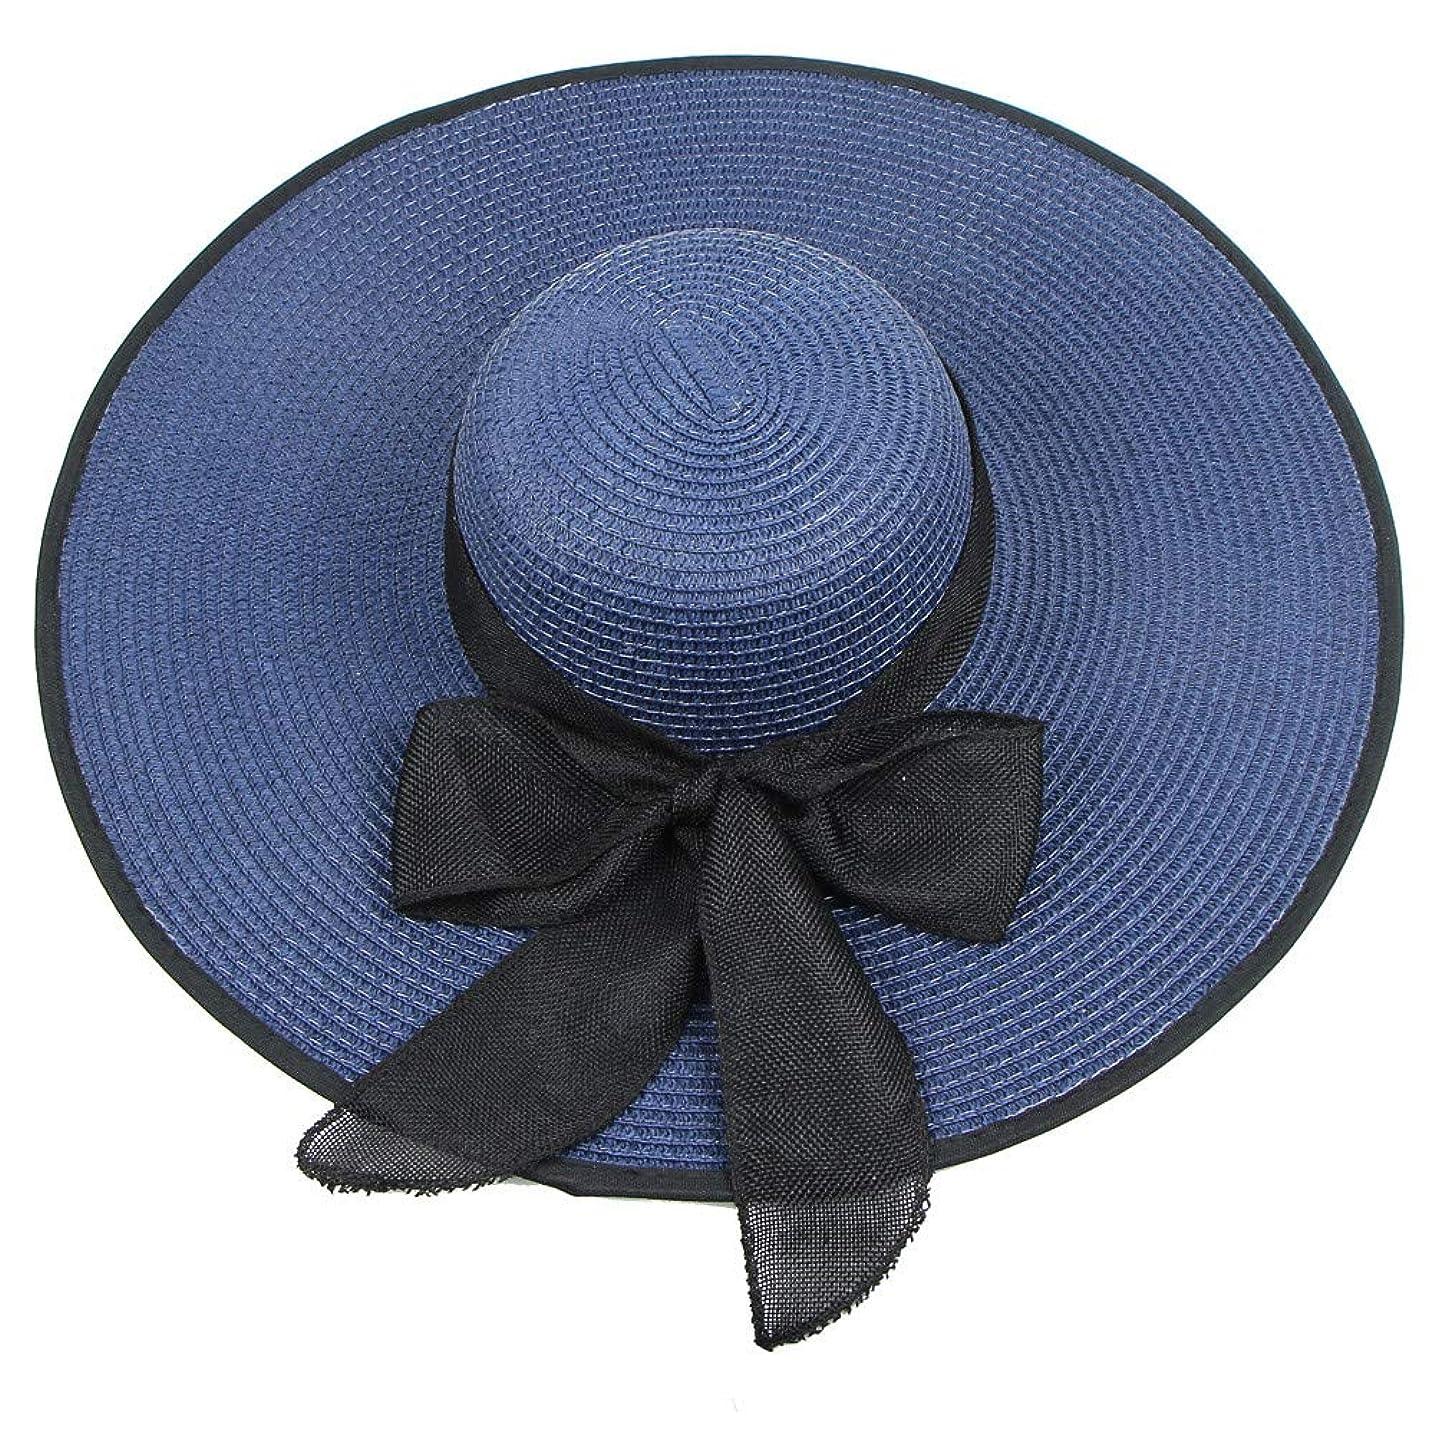 サバント黒人幅UVカット 帽子 ハット レディース つば広 折りたたみ 持ち運び つば広 調節テープ 吸汗通気 紫外線対策 おしゃれ 可愛い ハット 旅行用 日よけ 夏季 女優帽 小顔効果抜群 花粉対策 小顔 UV対策 ROSE ROMAN